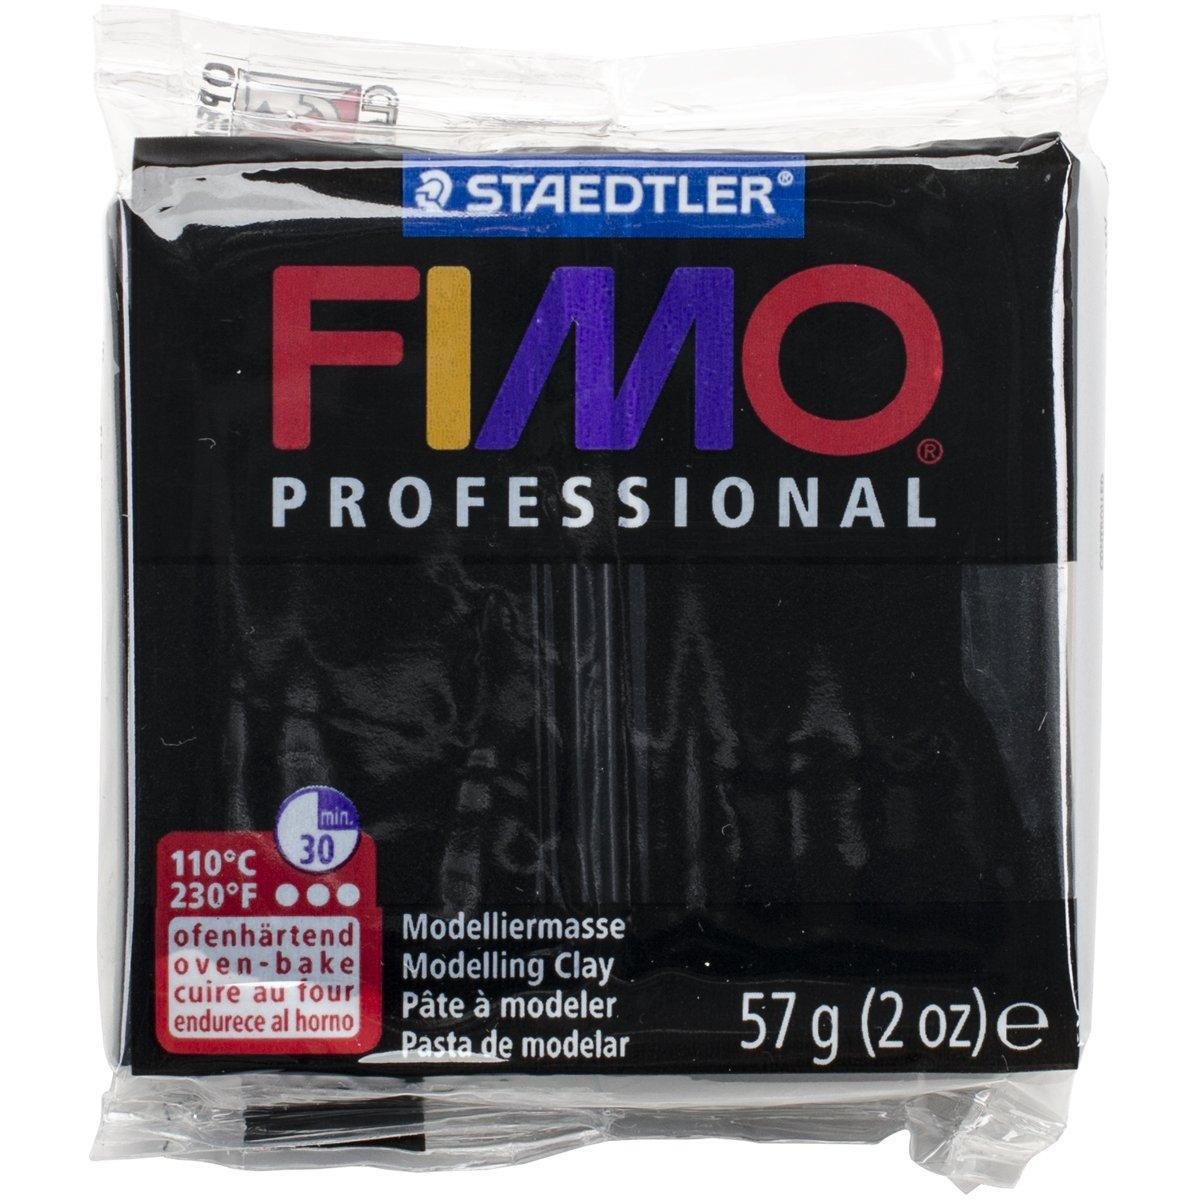 Staedtler Fimo Professional Soft Polymer Clay, 2 oz, Black EF8005-9